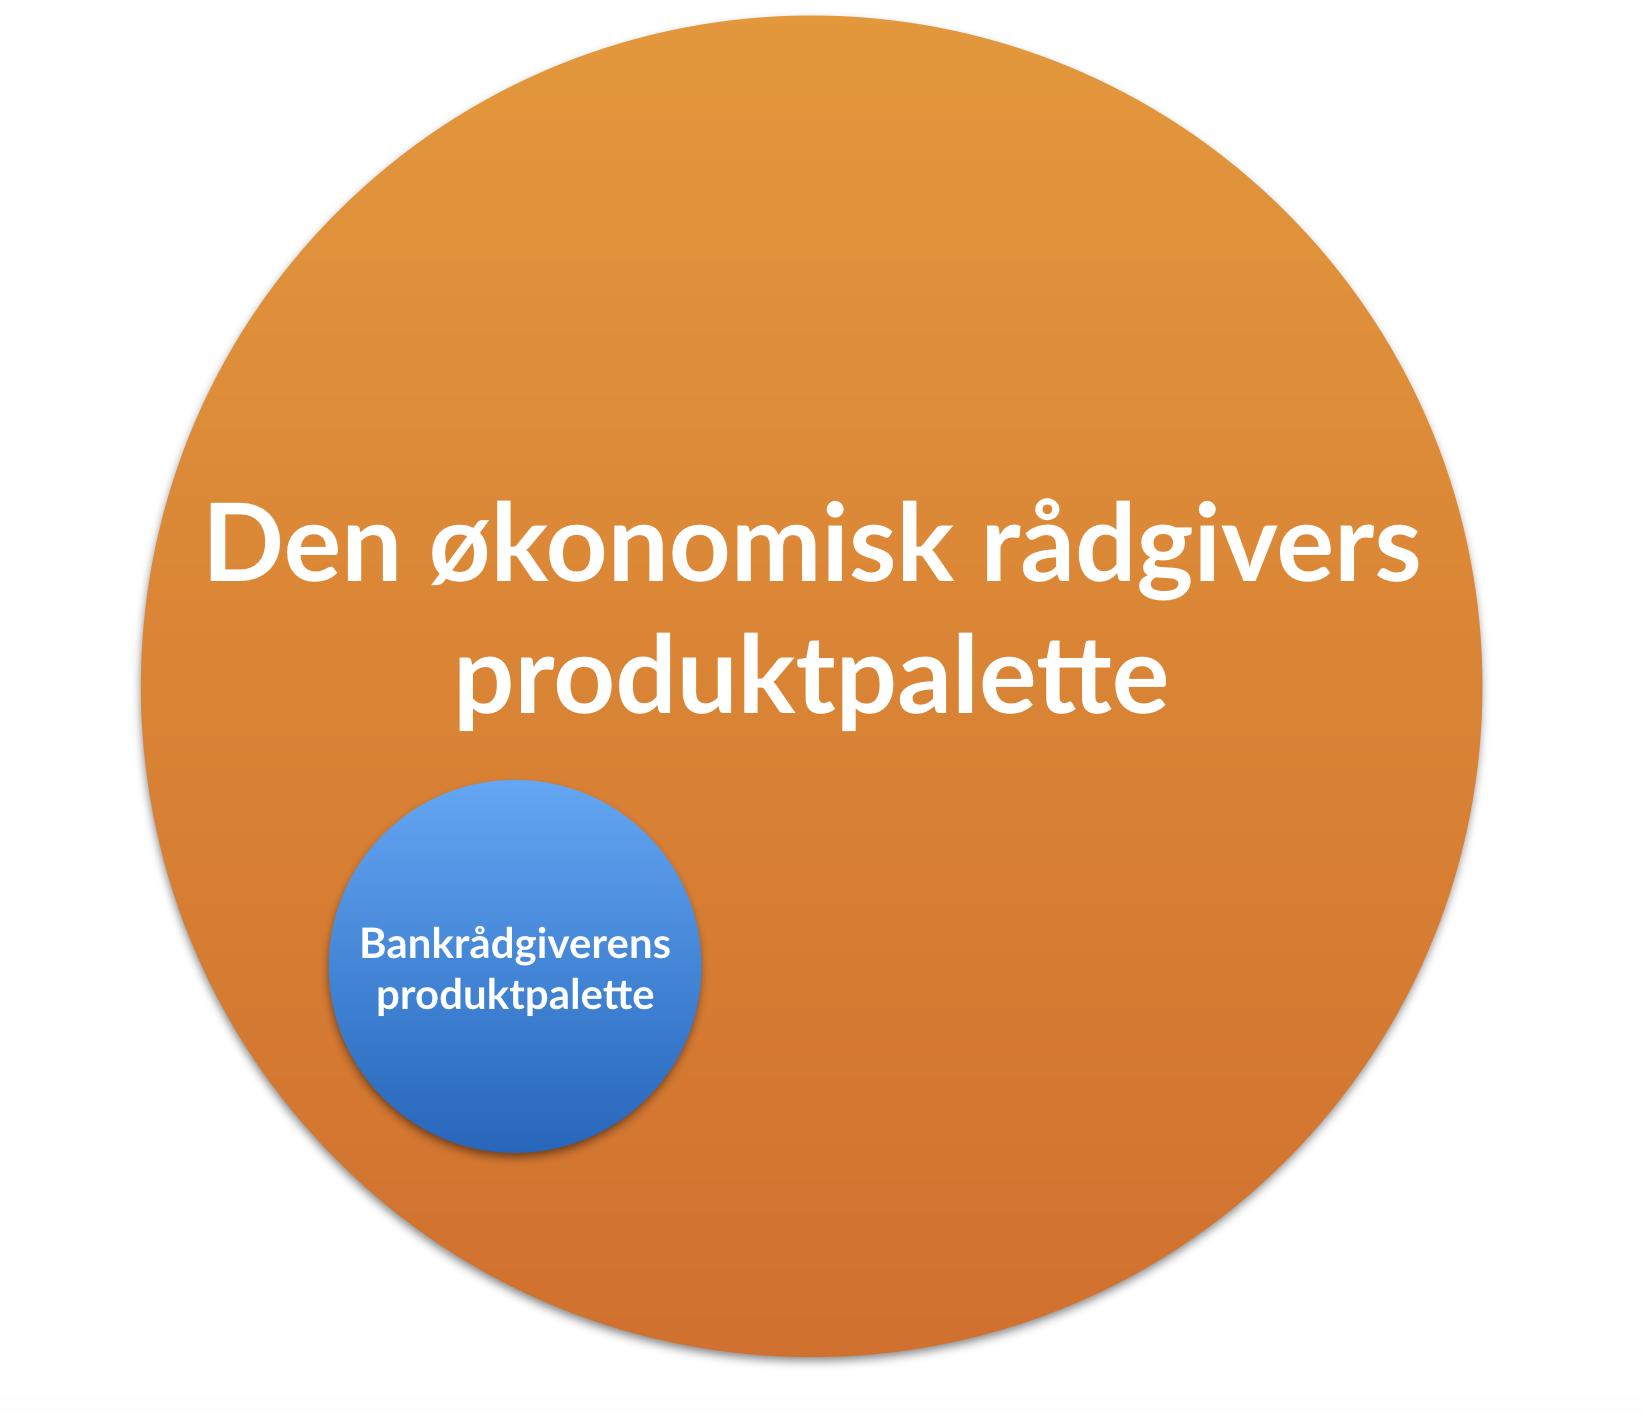 Macintosh HD:Users:frederikmuller:Desktop:escabe:Kunder:FinansPlan:Kreativt:Artikler:Artikelsamling:Art#19:Grafik:Palette.png